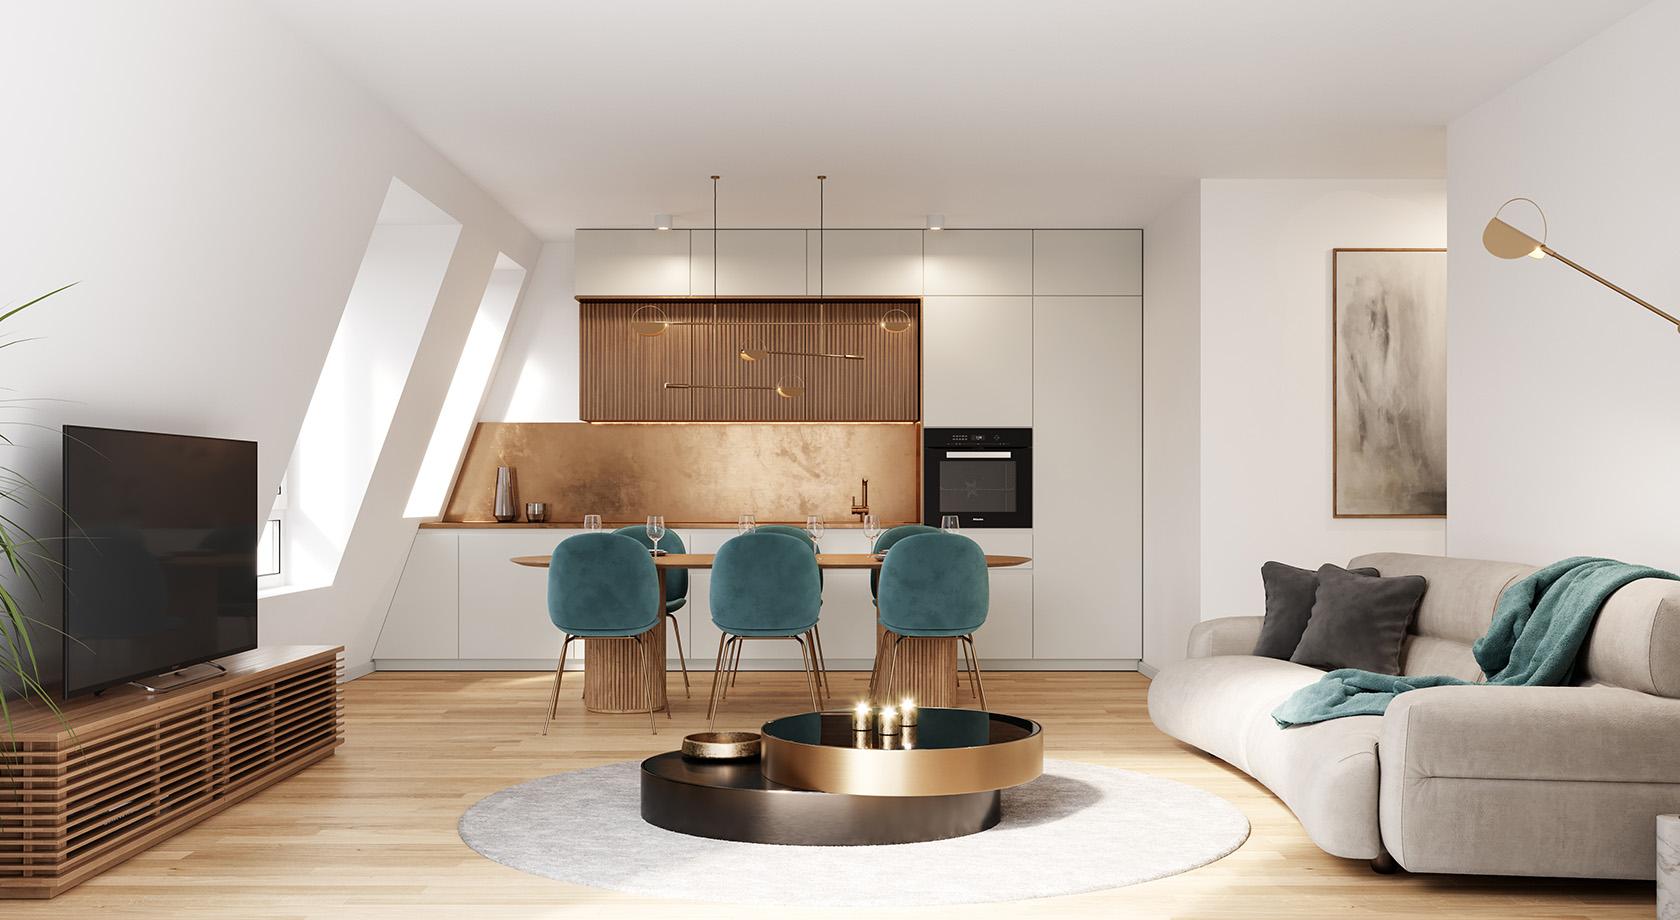 Geiselgasteig 100 L HOMES Wohnzimmer